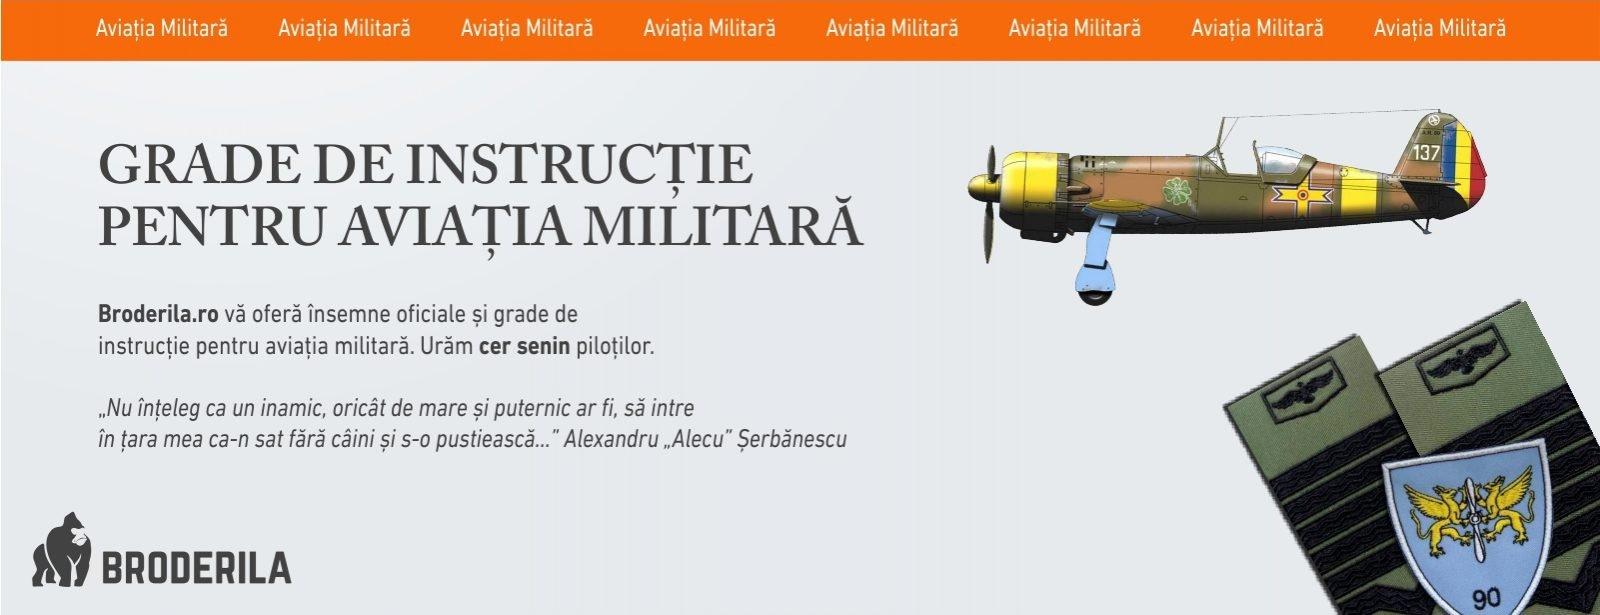 grade instructie aviatia militara romana broderila.ro